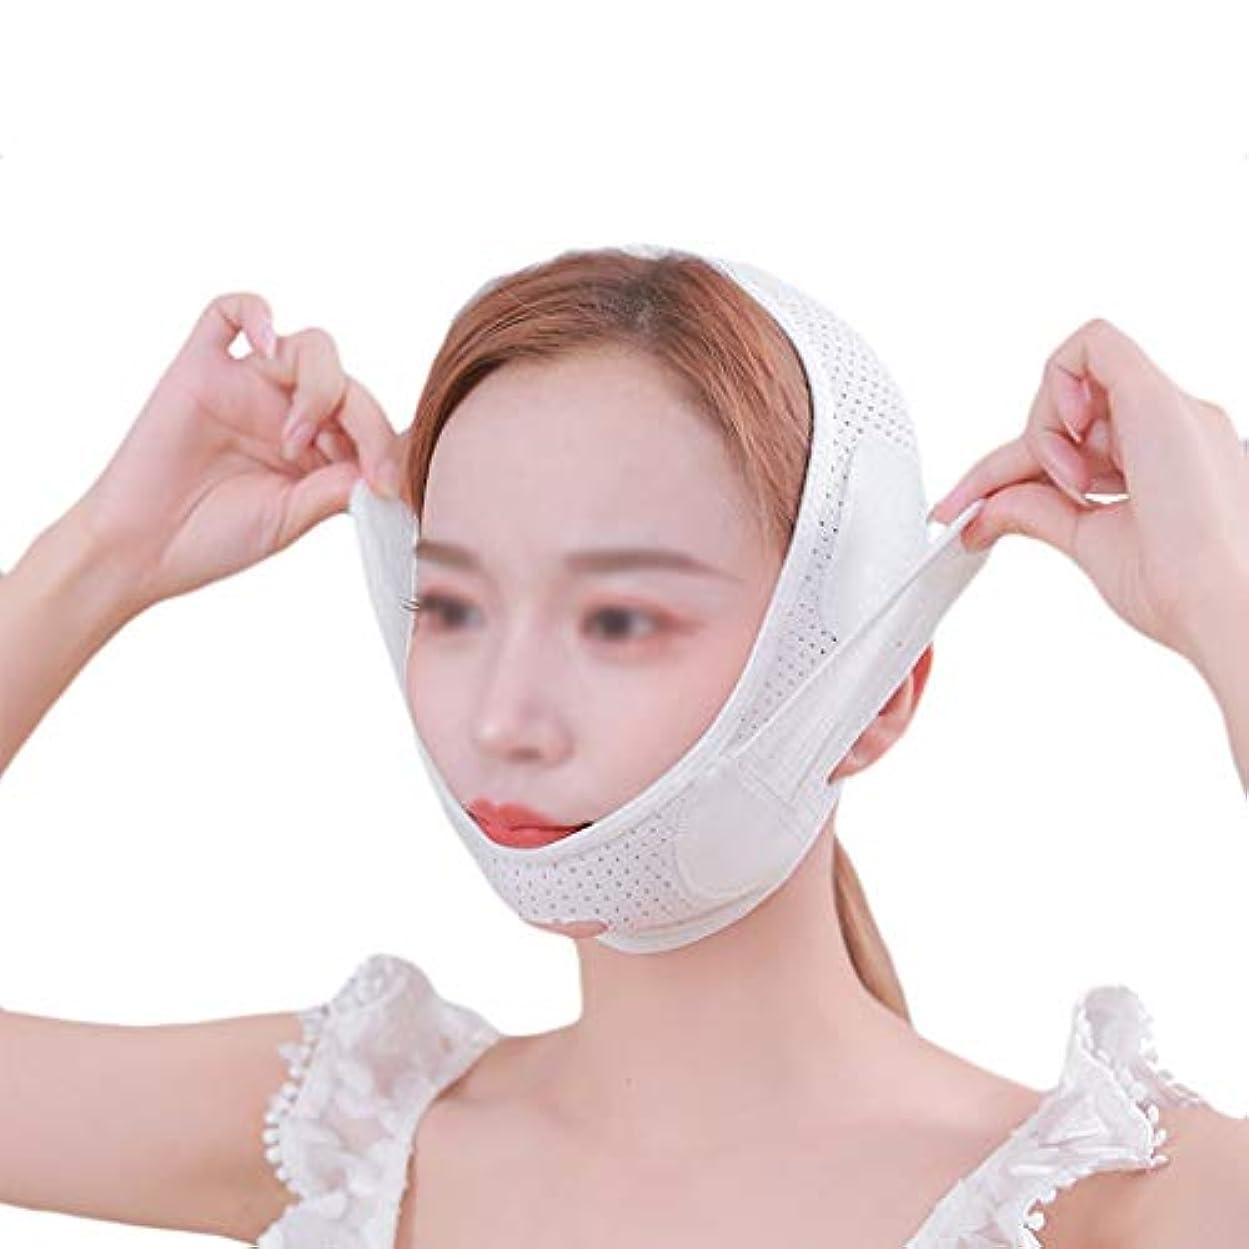 フェイシャルリフティング包帯、頬痩身マスク包帯、フェイスリフティングファーミングフェイスリフティング、リフティングダブルチンフェイシャルマスク(ホワイト、フリーサイズ)